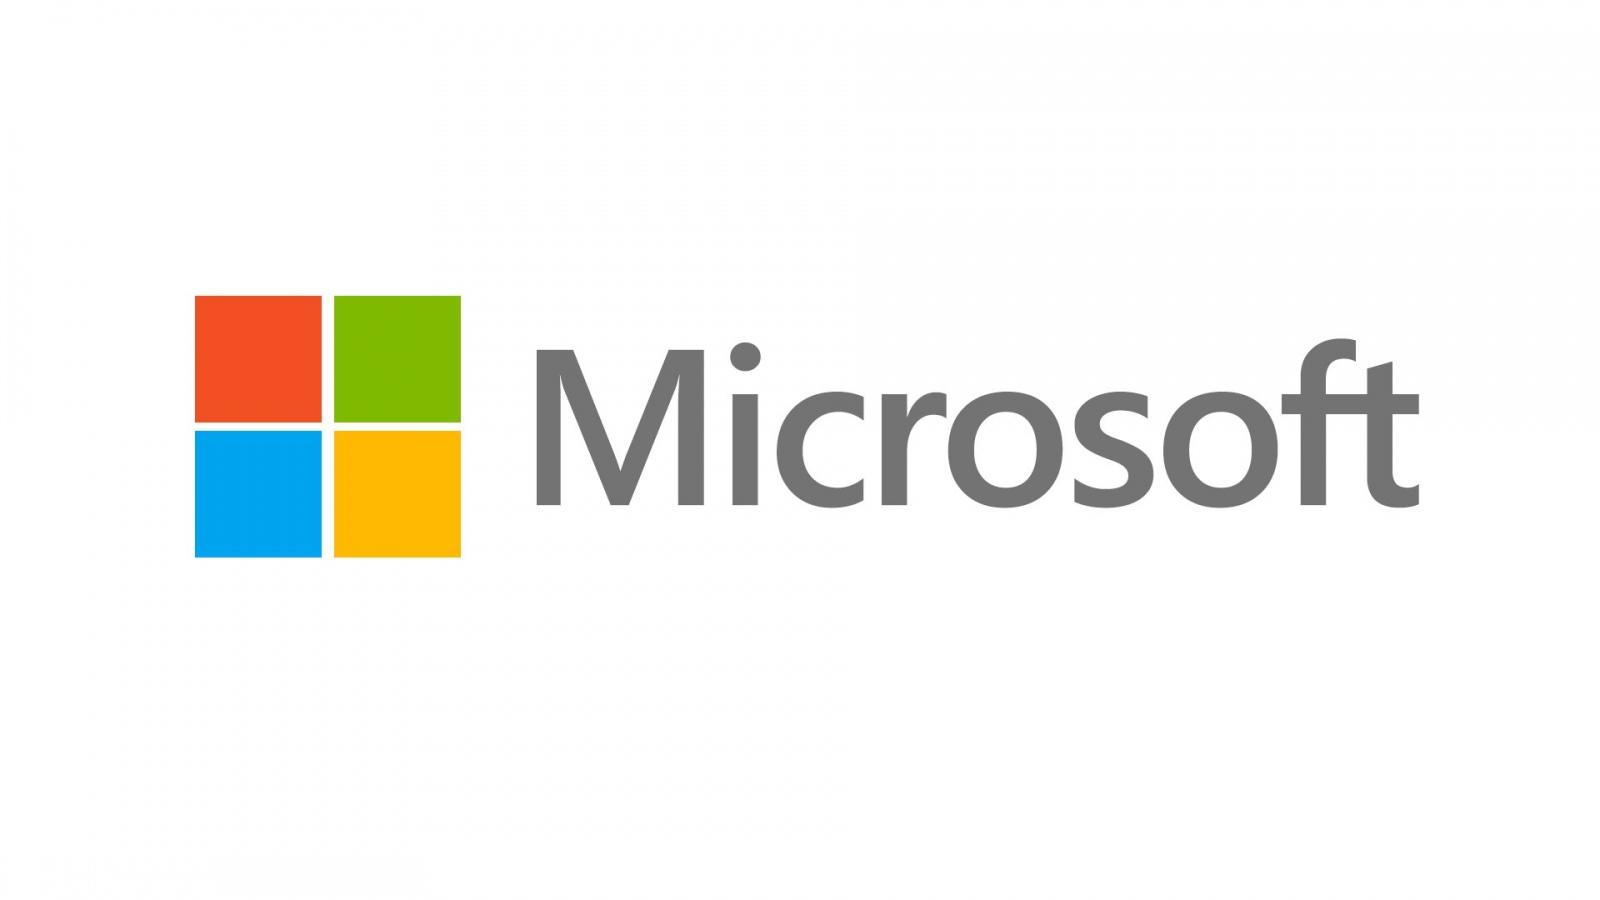 Microsoft Corp. планира да добави четири нови центъра за данни